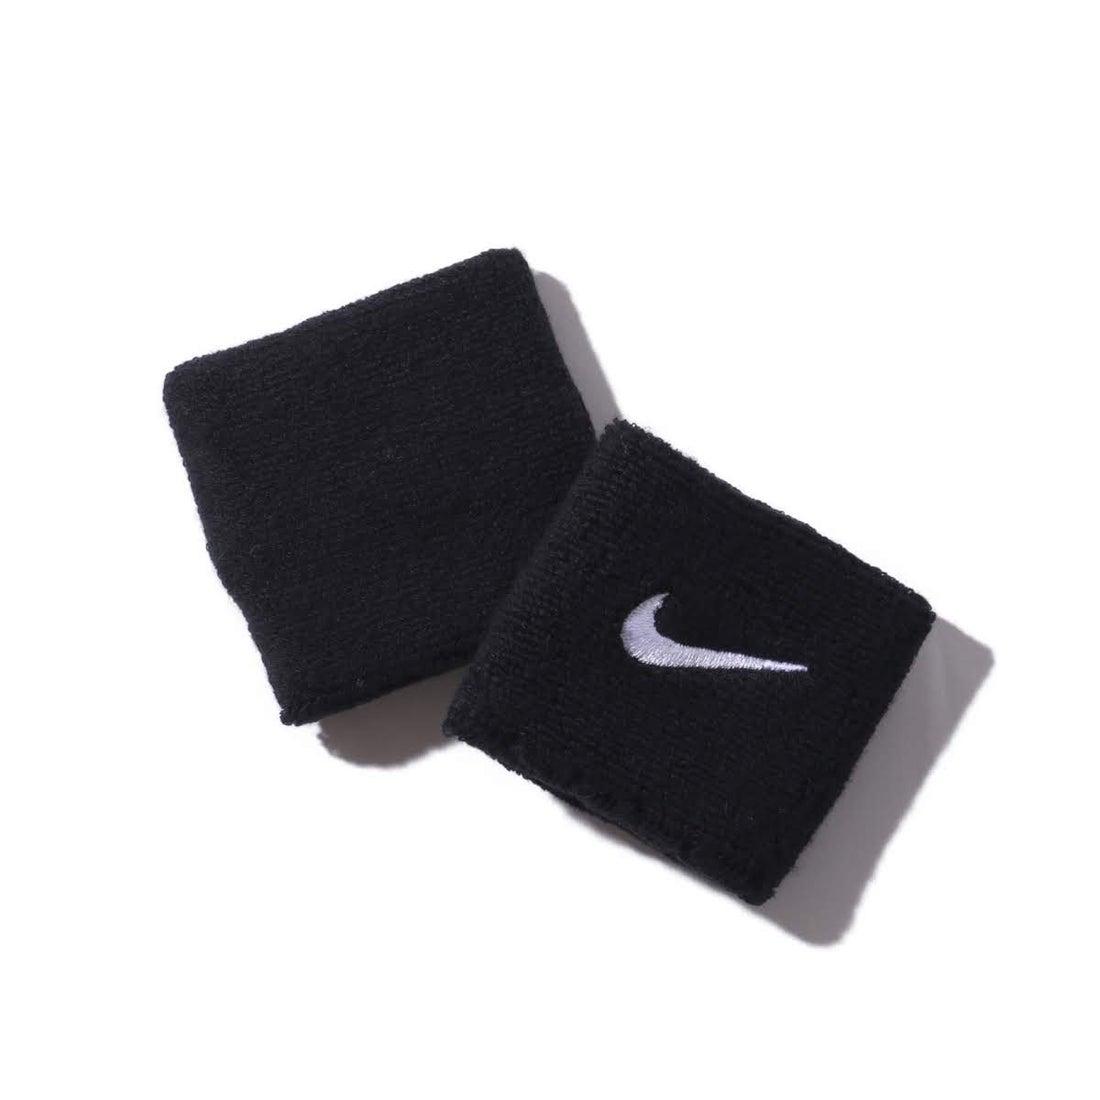 ロコンド 靴とファッションの通販サイトナイキ NIKE NIKE SWOOSH LISTBAND (BLACK)